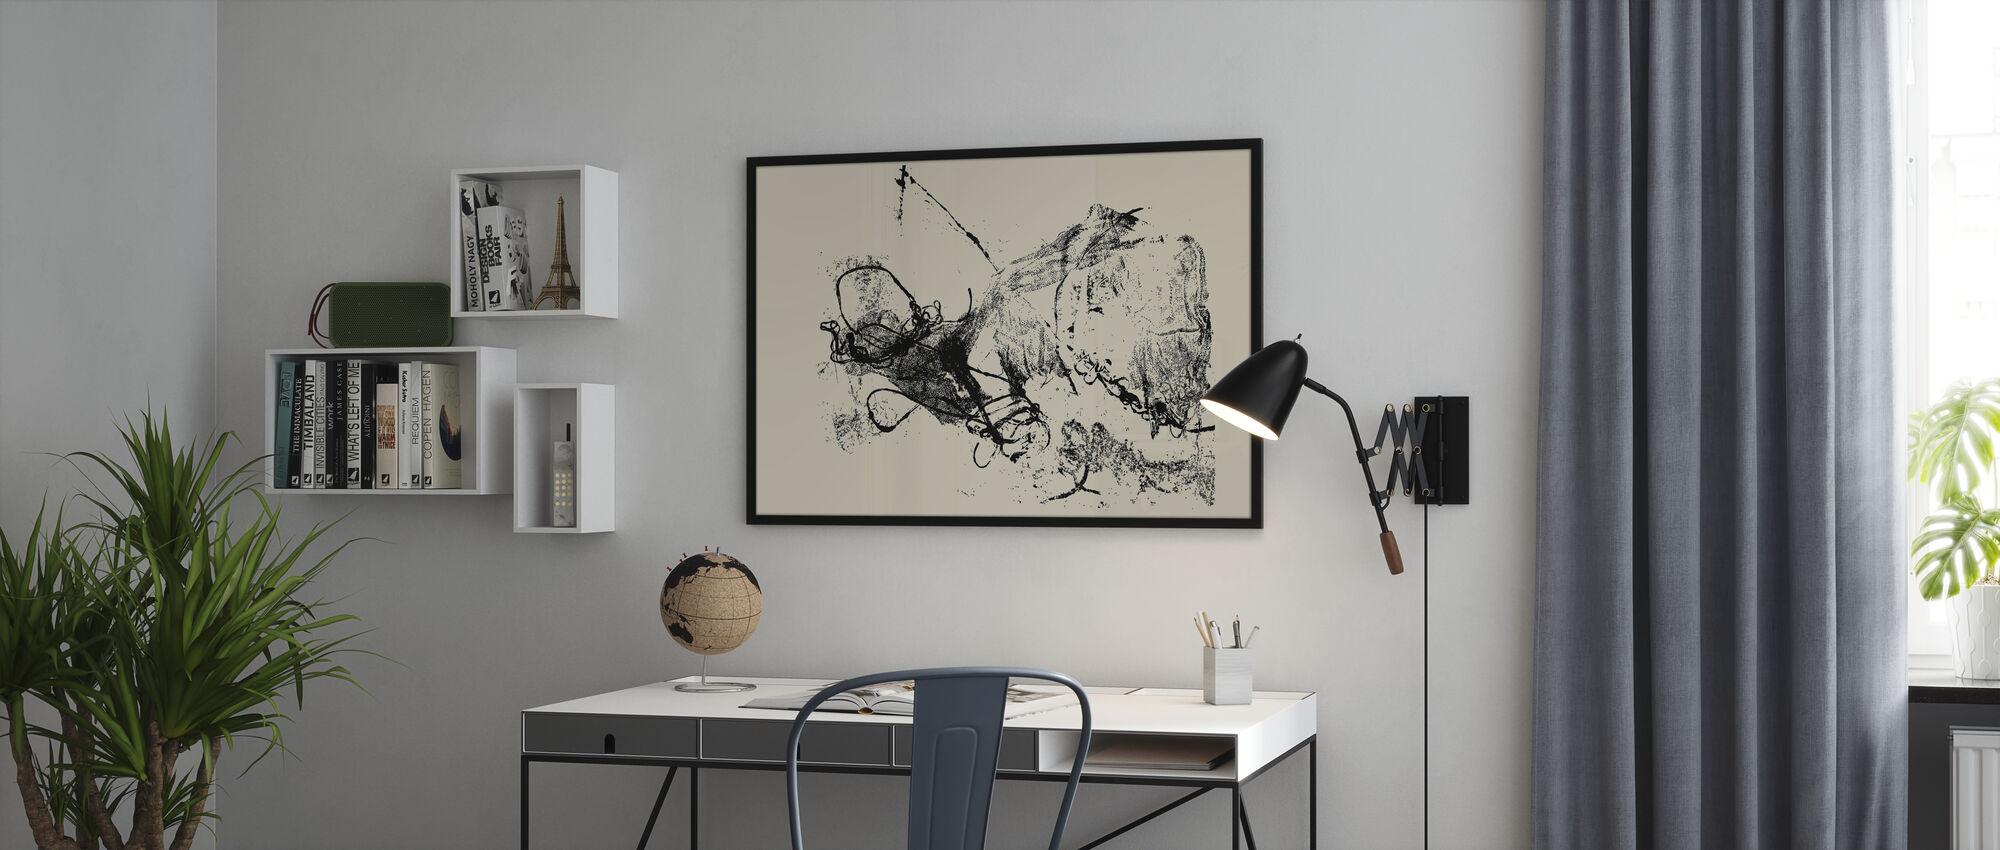 Ink Splash Background - Poster - Office